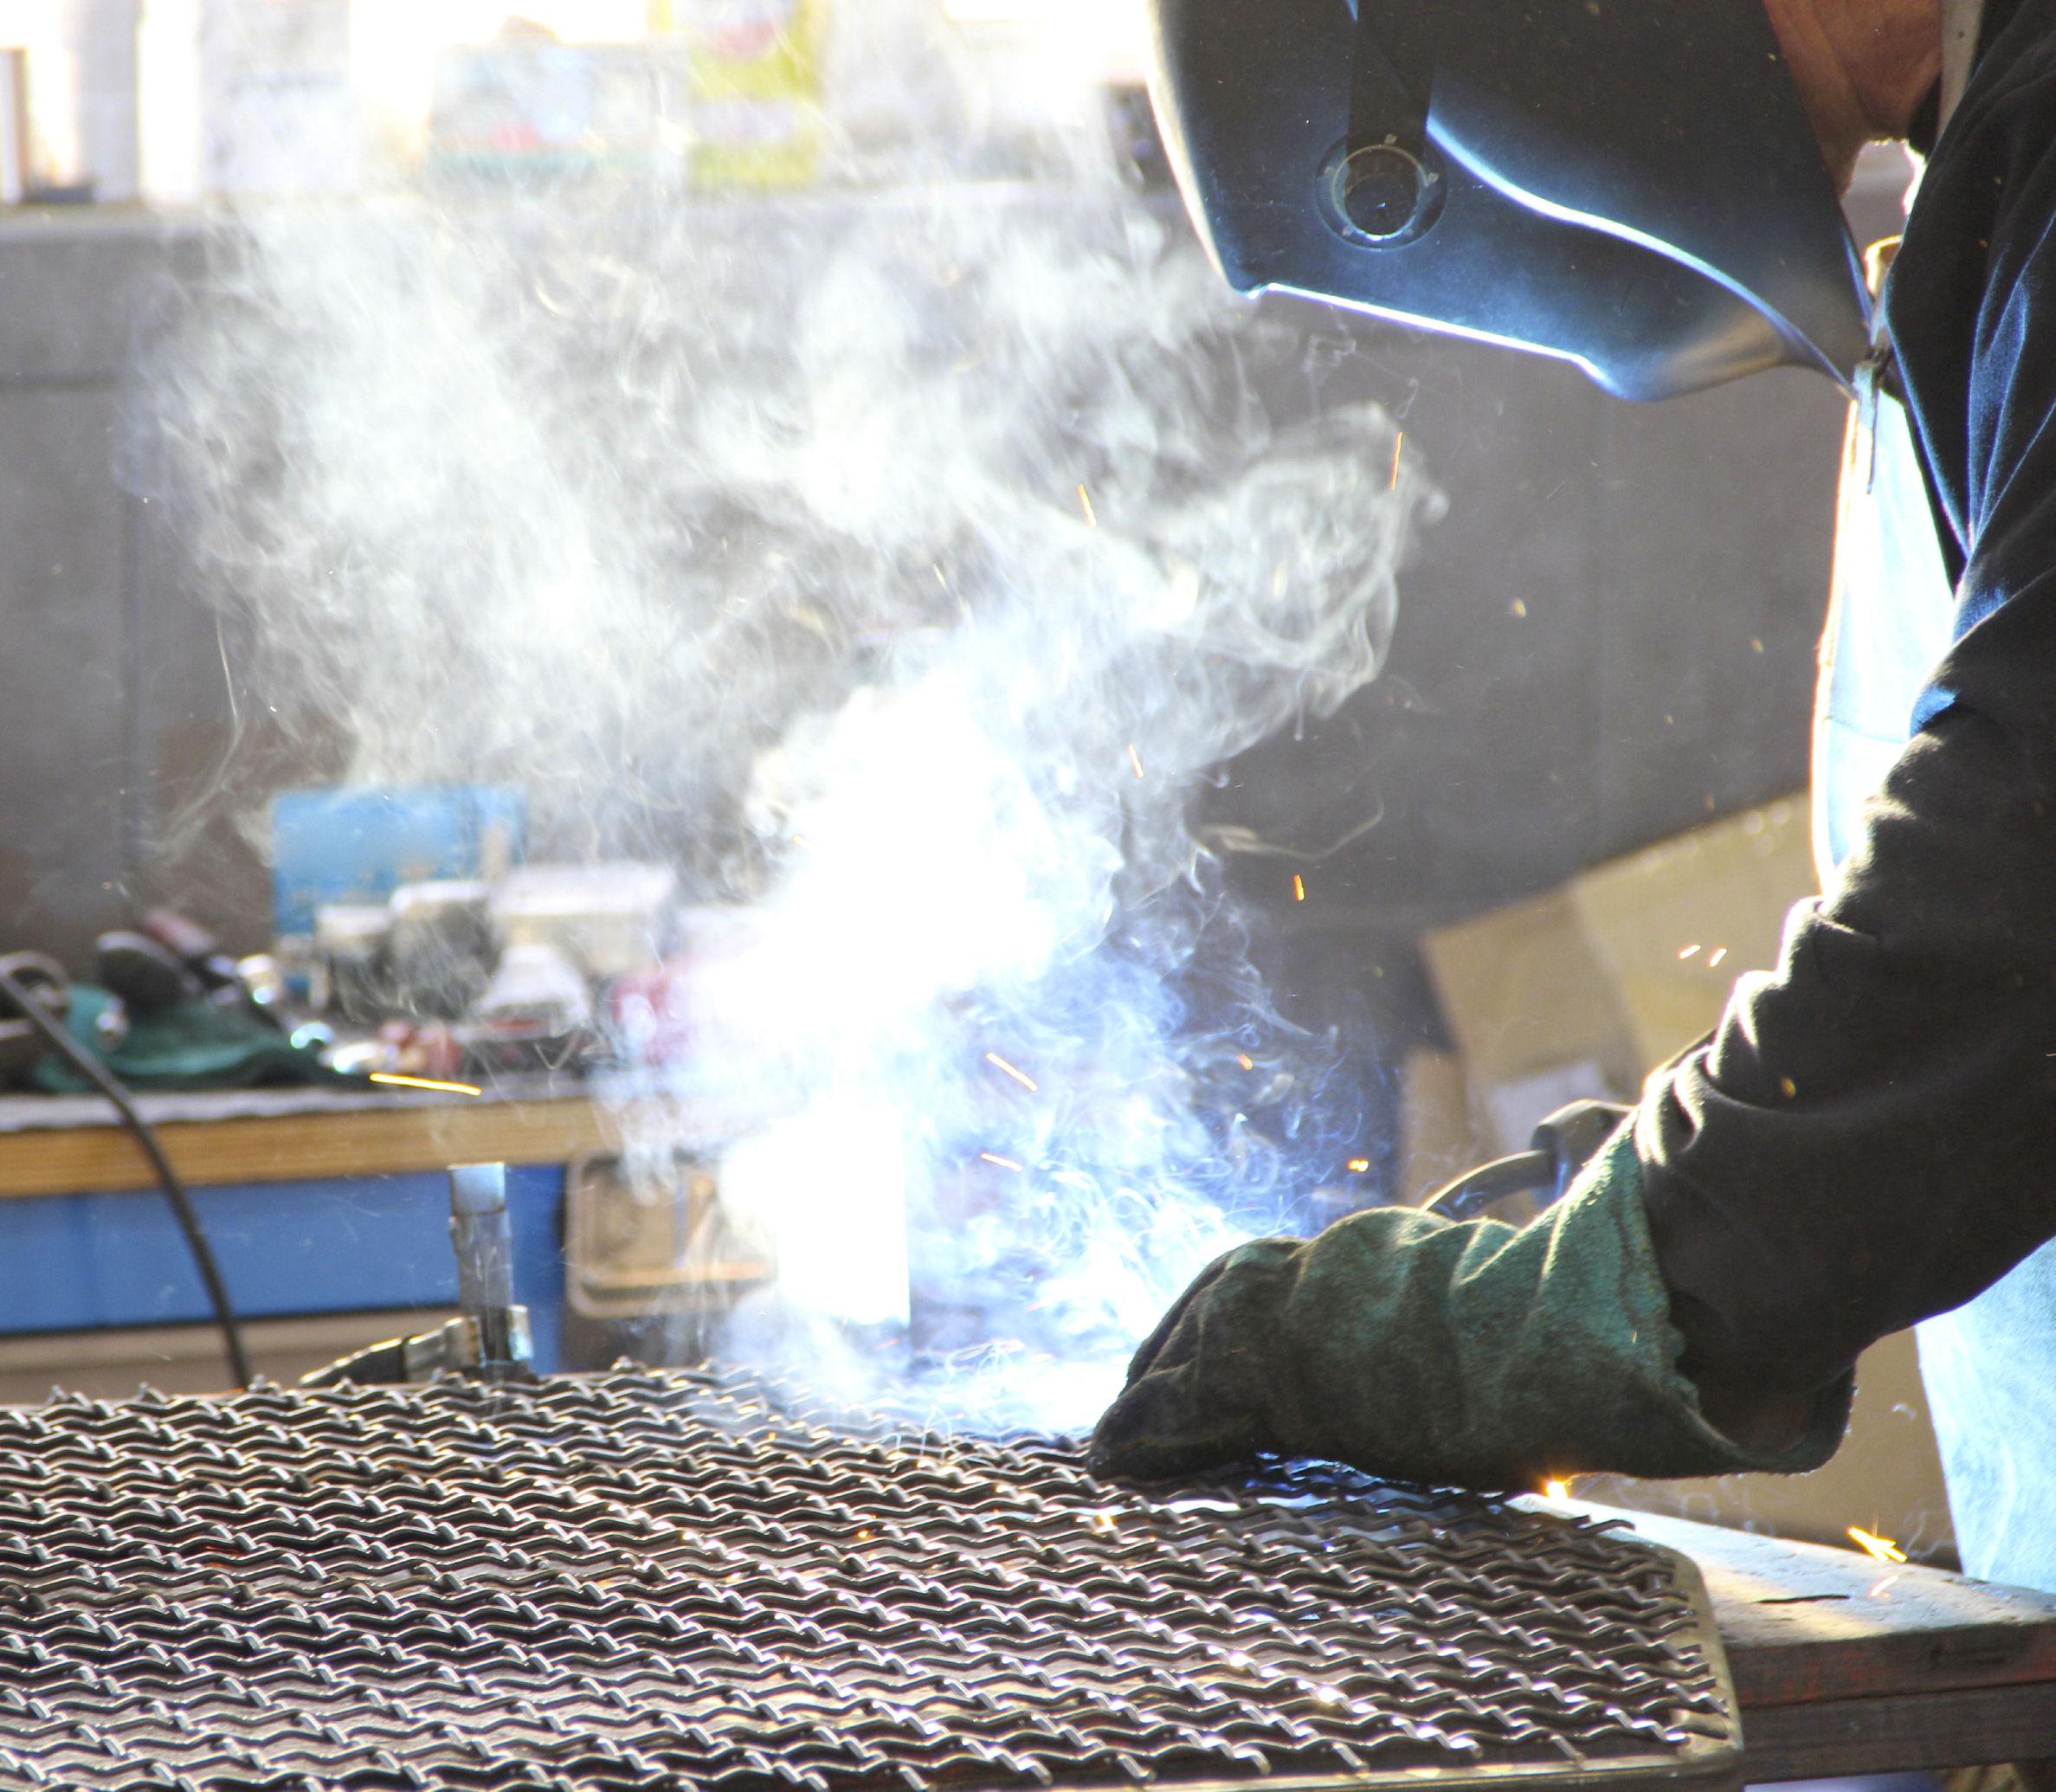 HSE Update: Welding fume